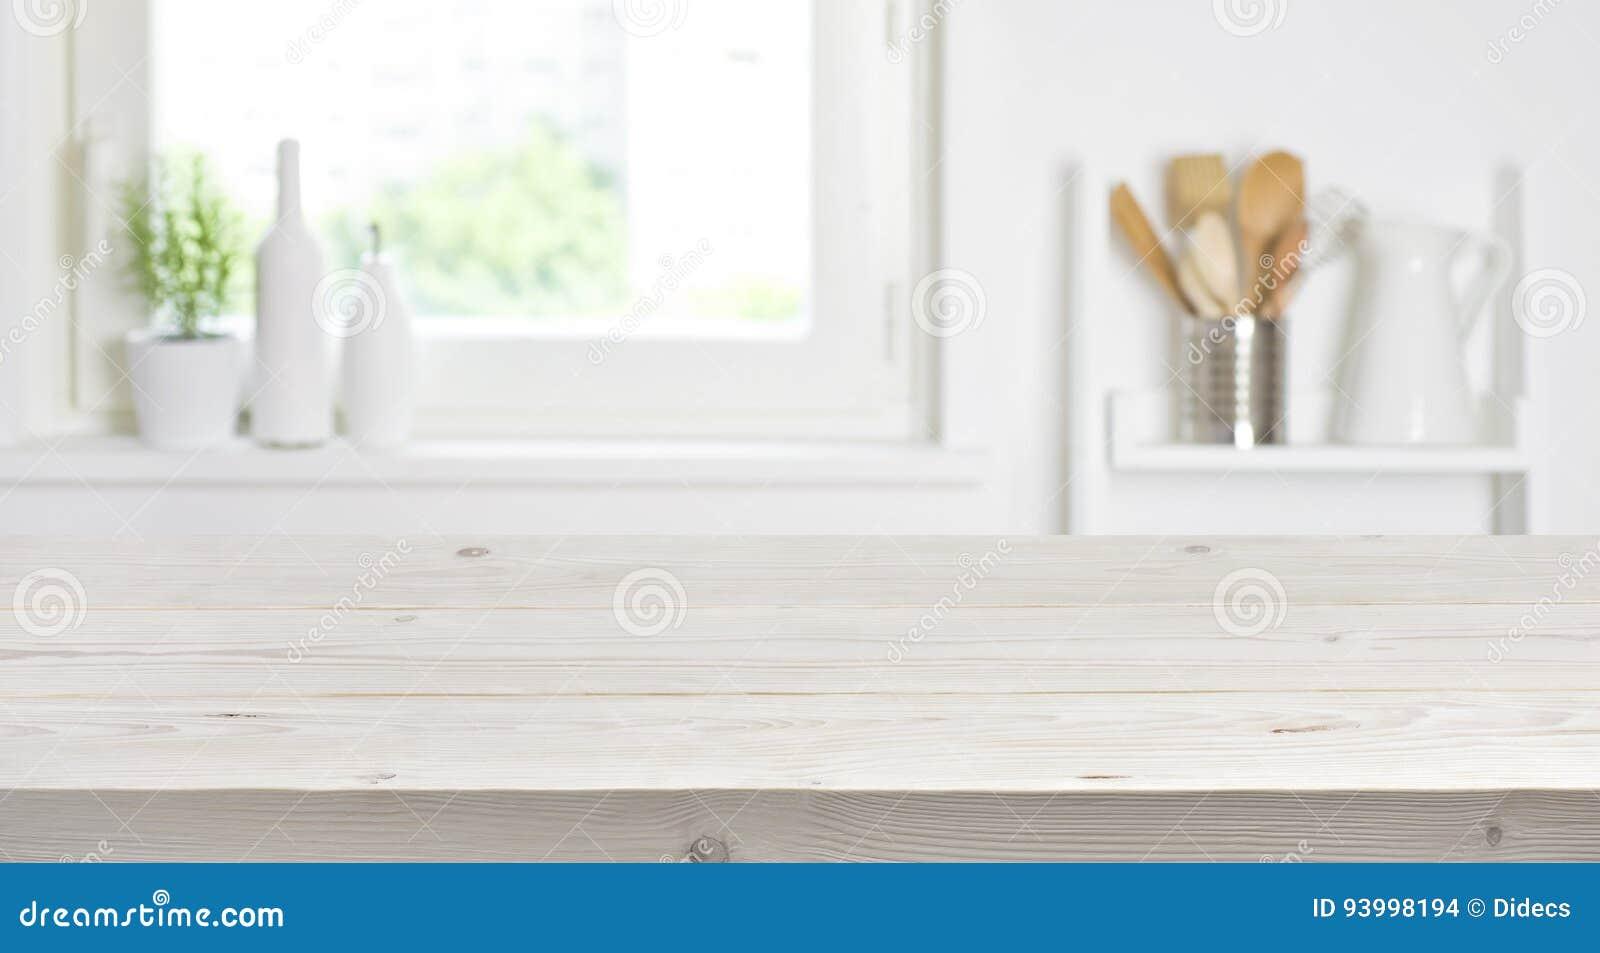 Drewniany stół na zamazanym tle kuchenny okno i półki